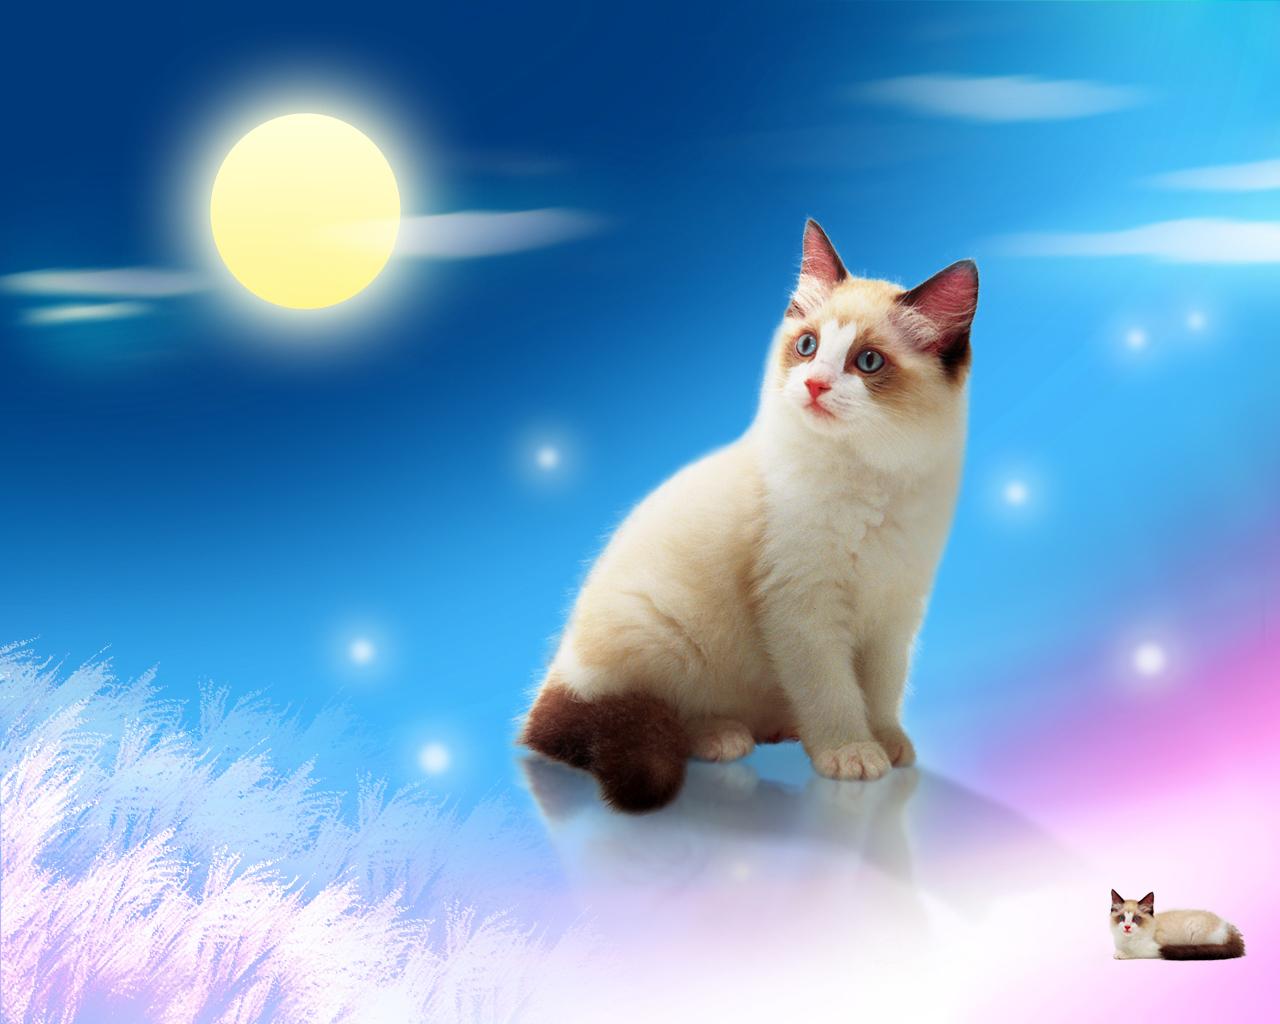 壁纸 动物 狗 狗狗 猫 猫咪 小猫 桌面 1280_1024